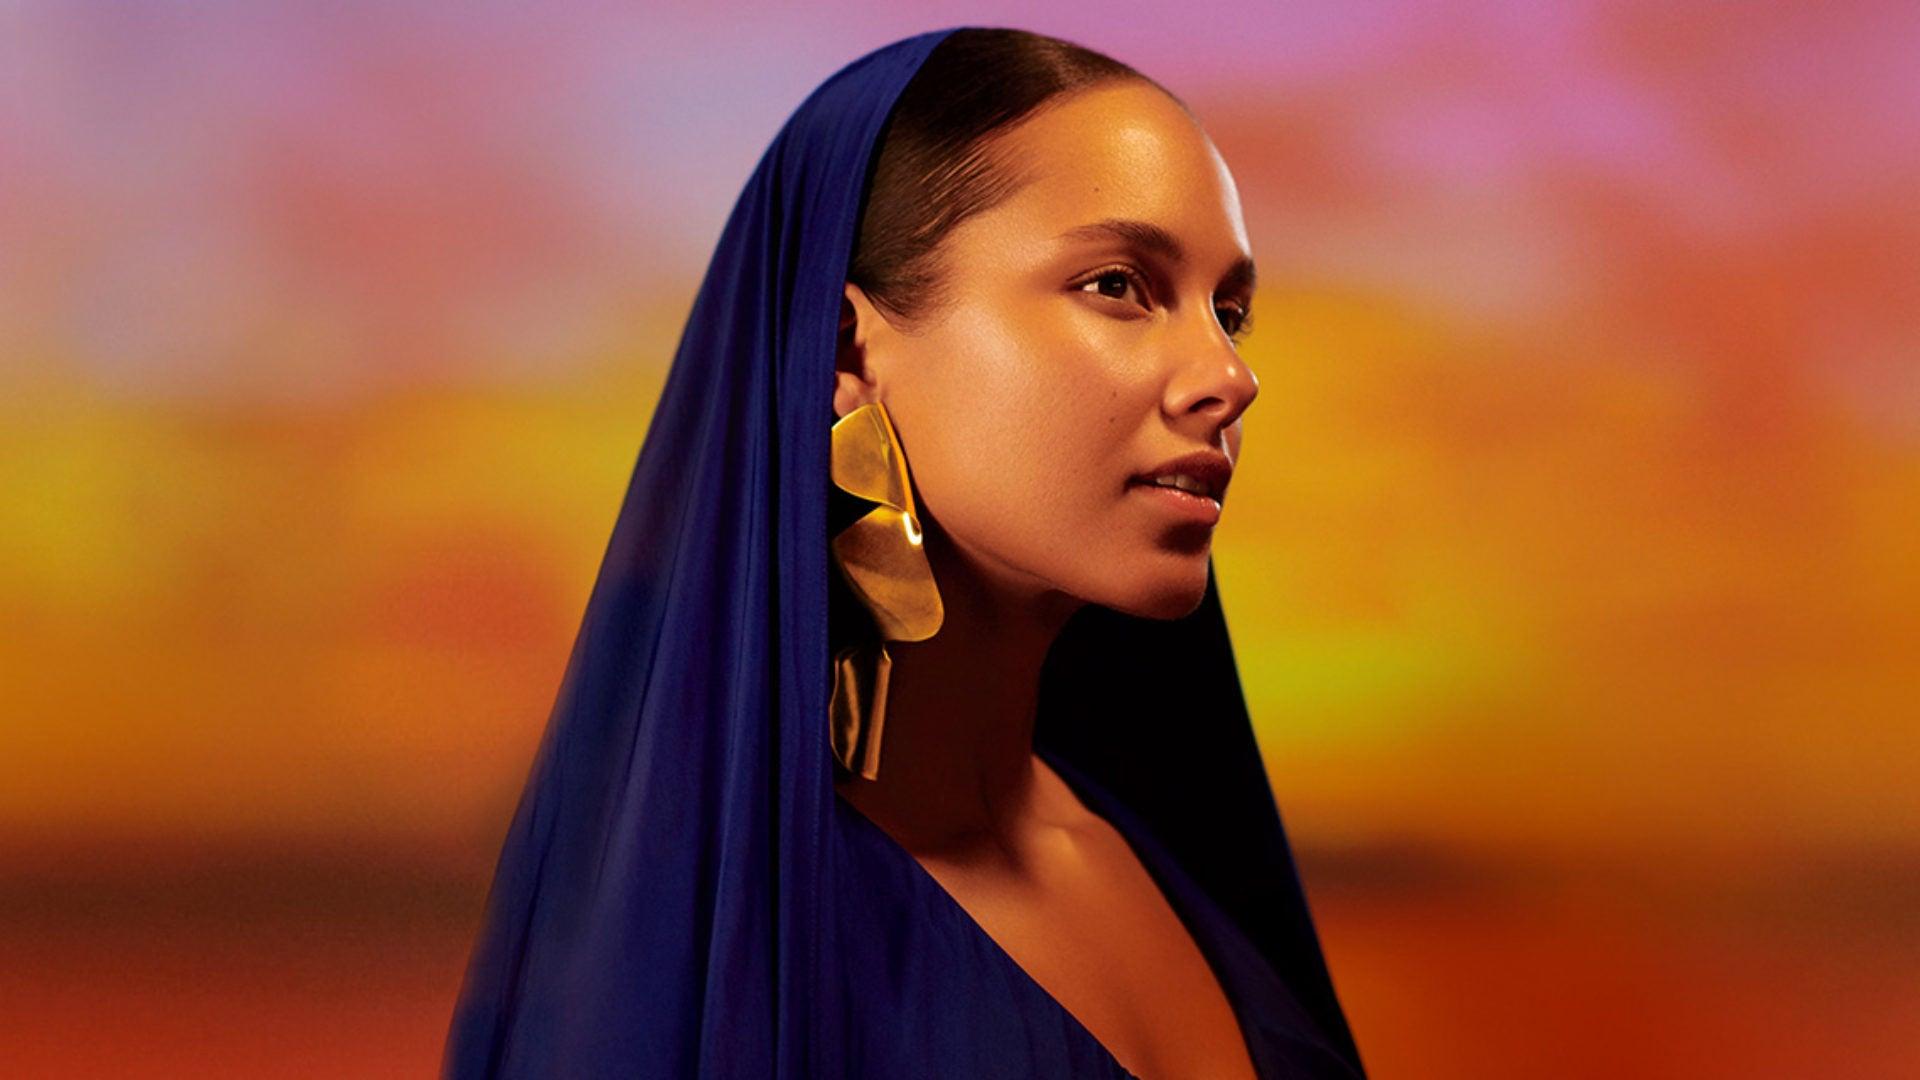 Alicia Keys Steps Into The Light